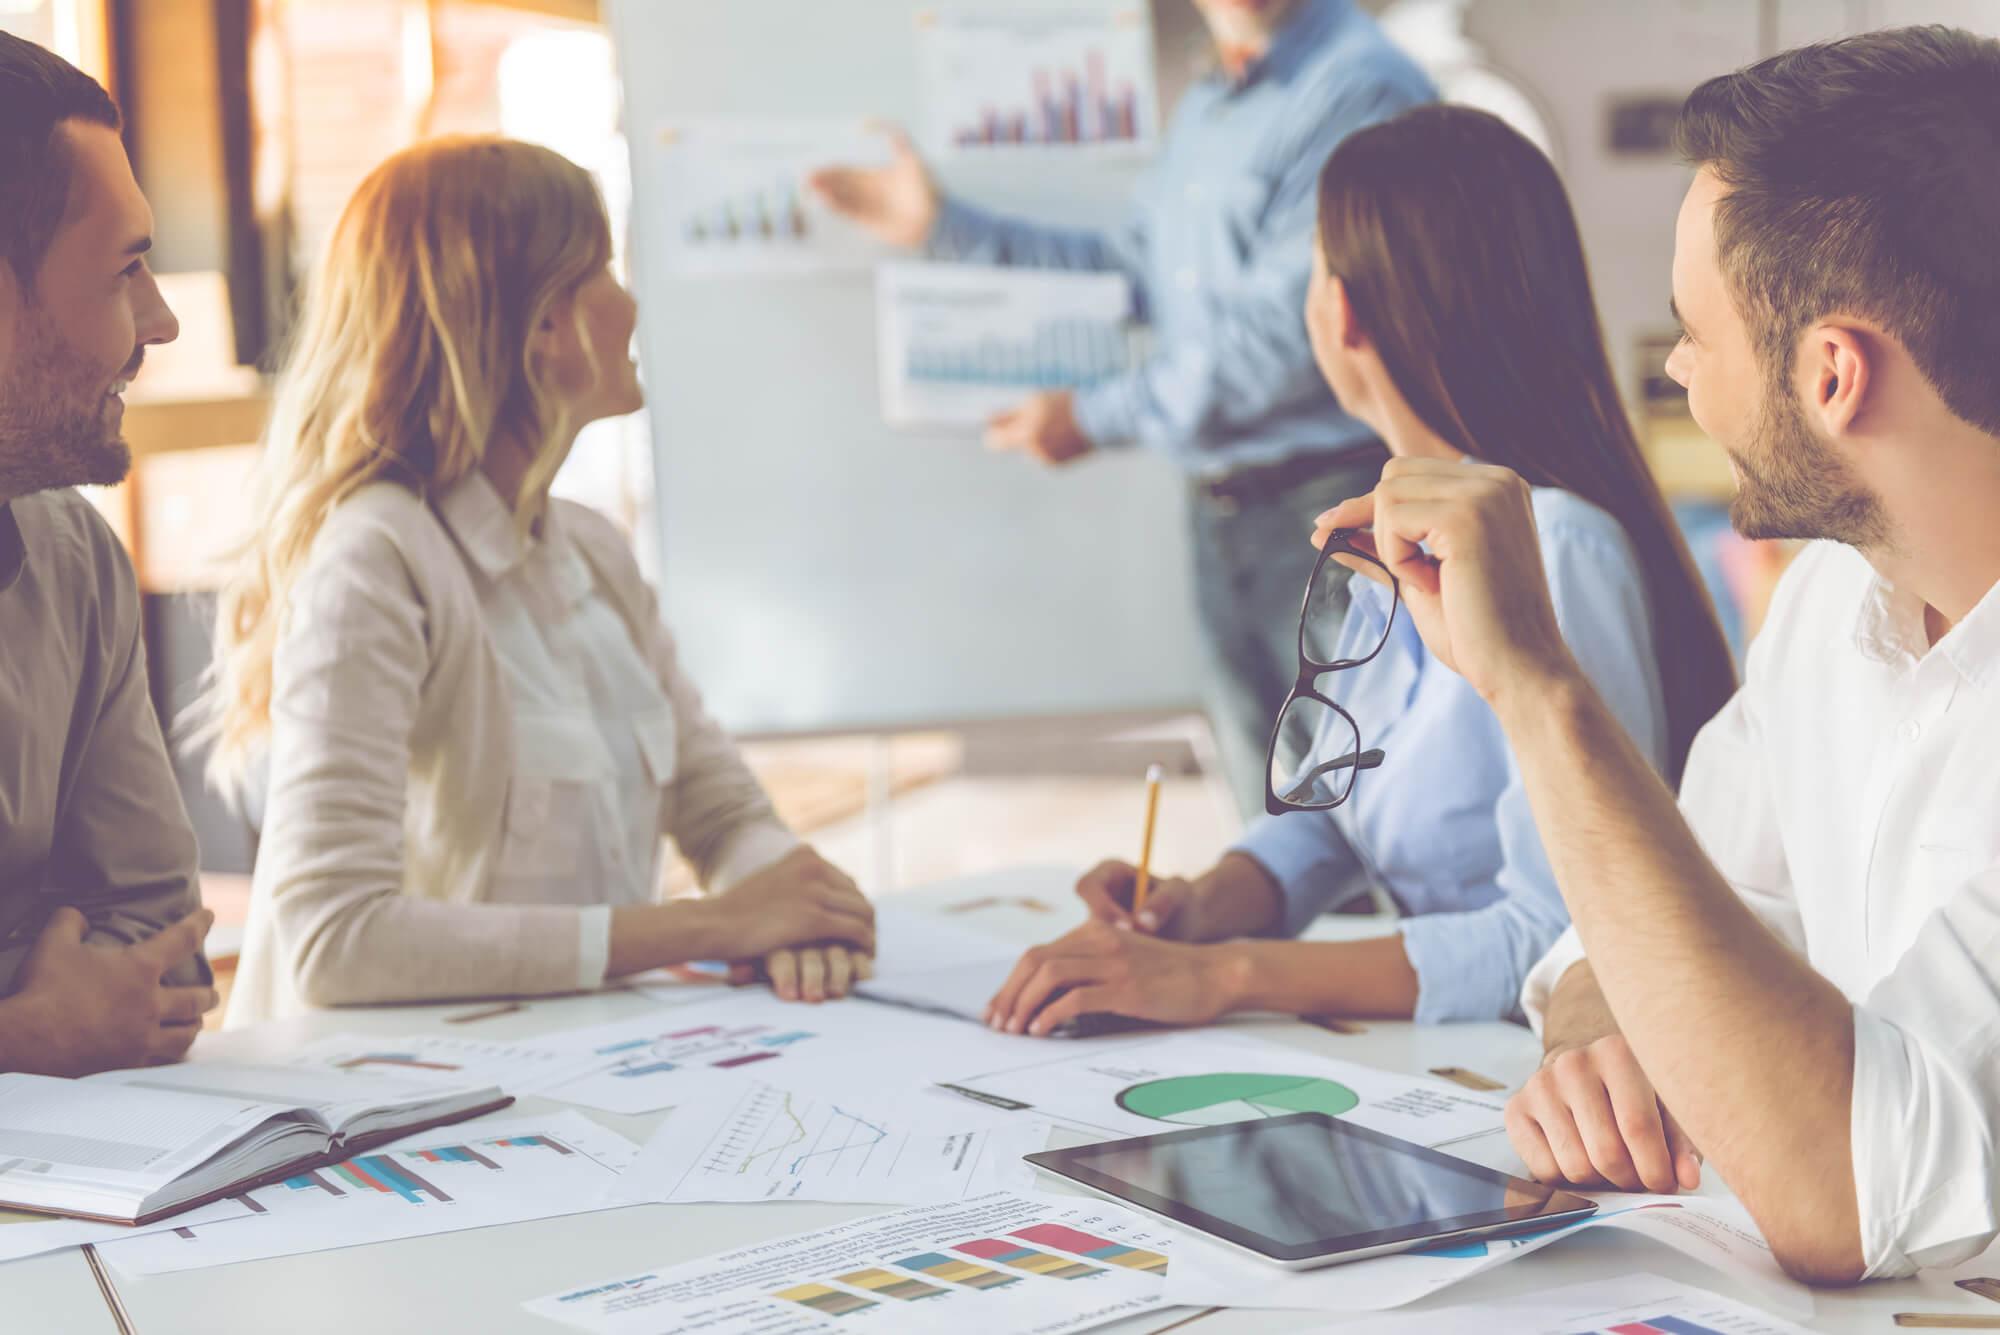 Treinamento E Qualificação De Funcionários: Por Que Investir?